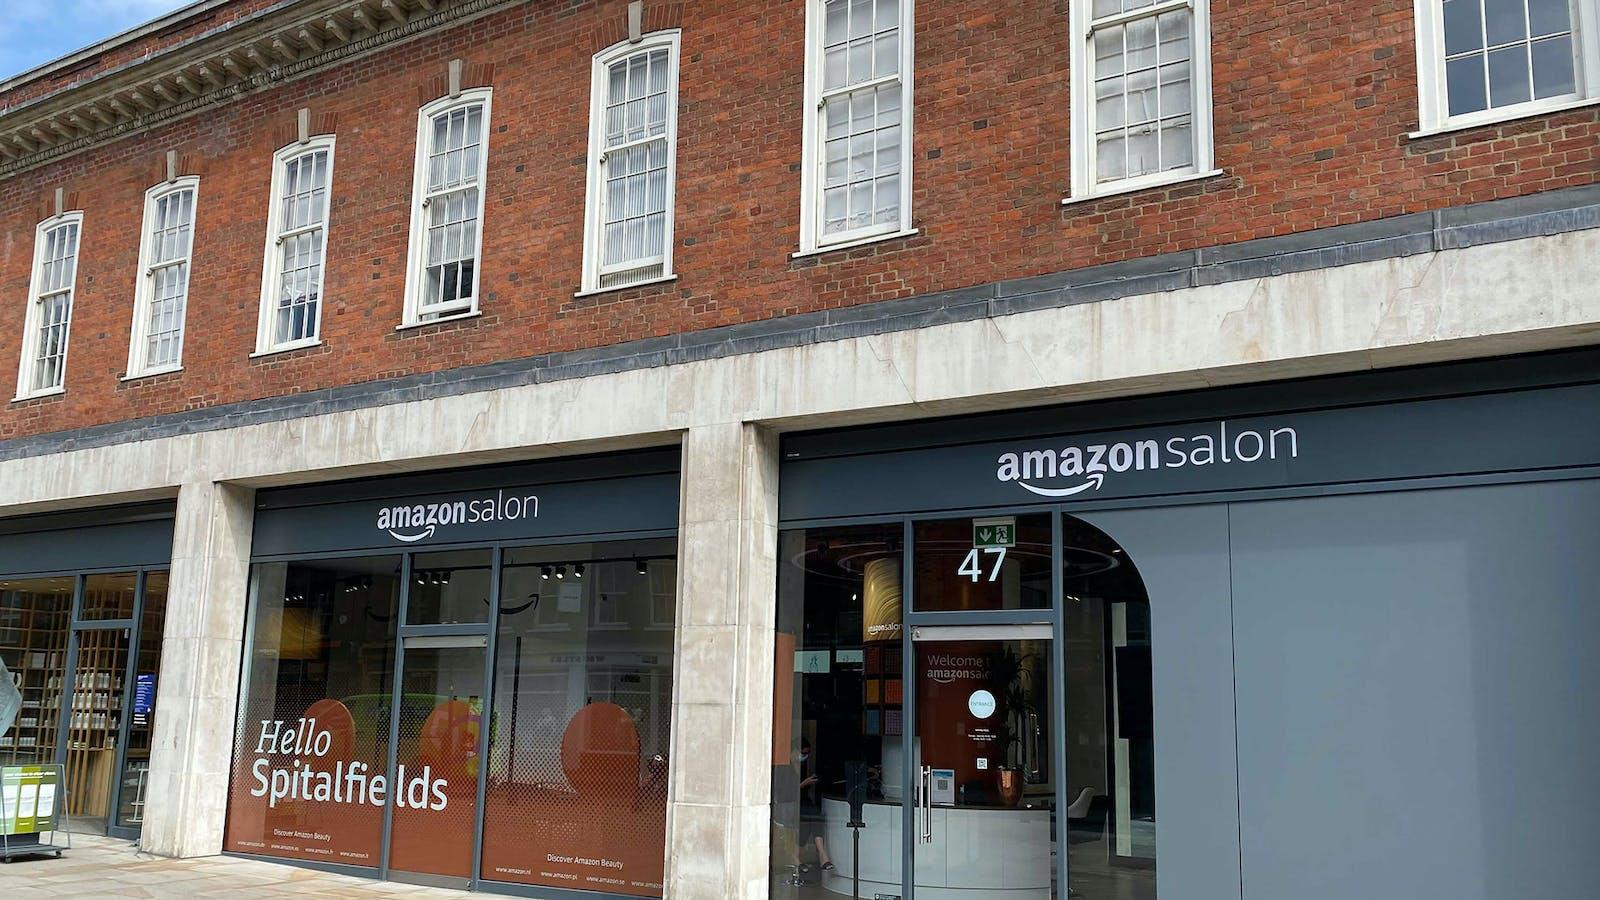 Amazon's hair salon in London. Photo by Mark Di Stefano